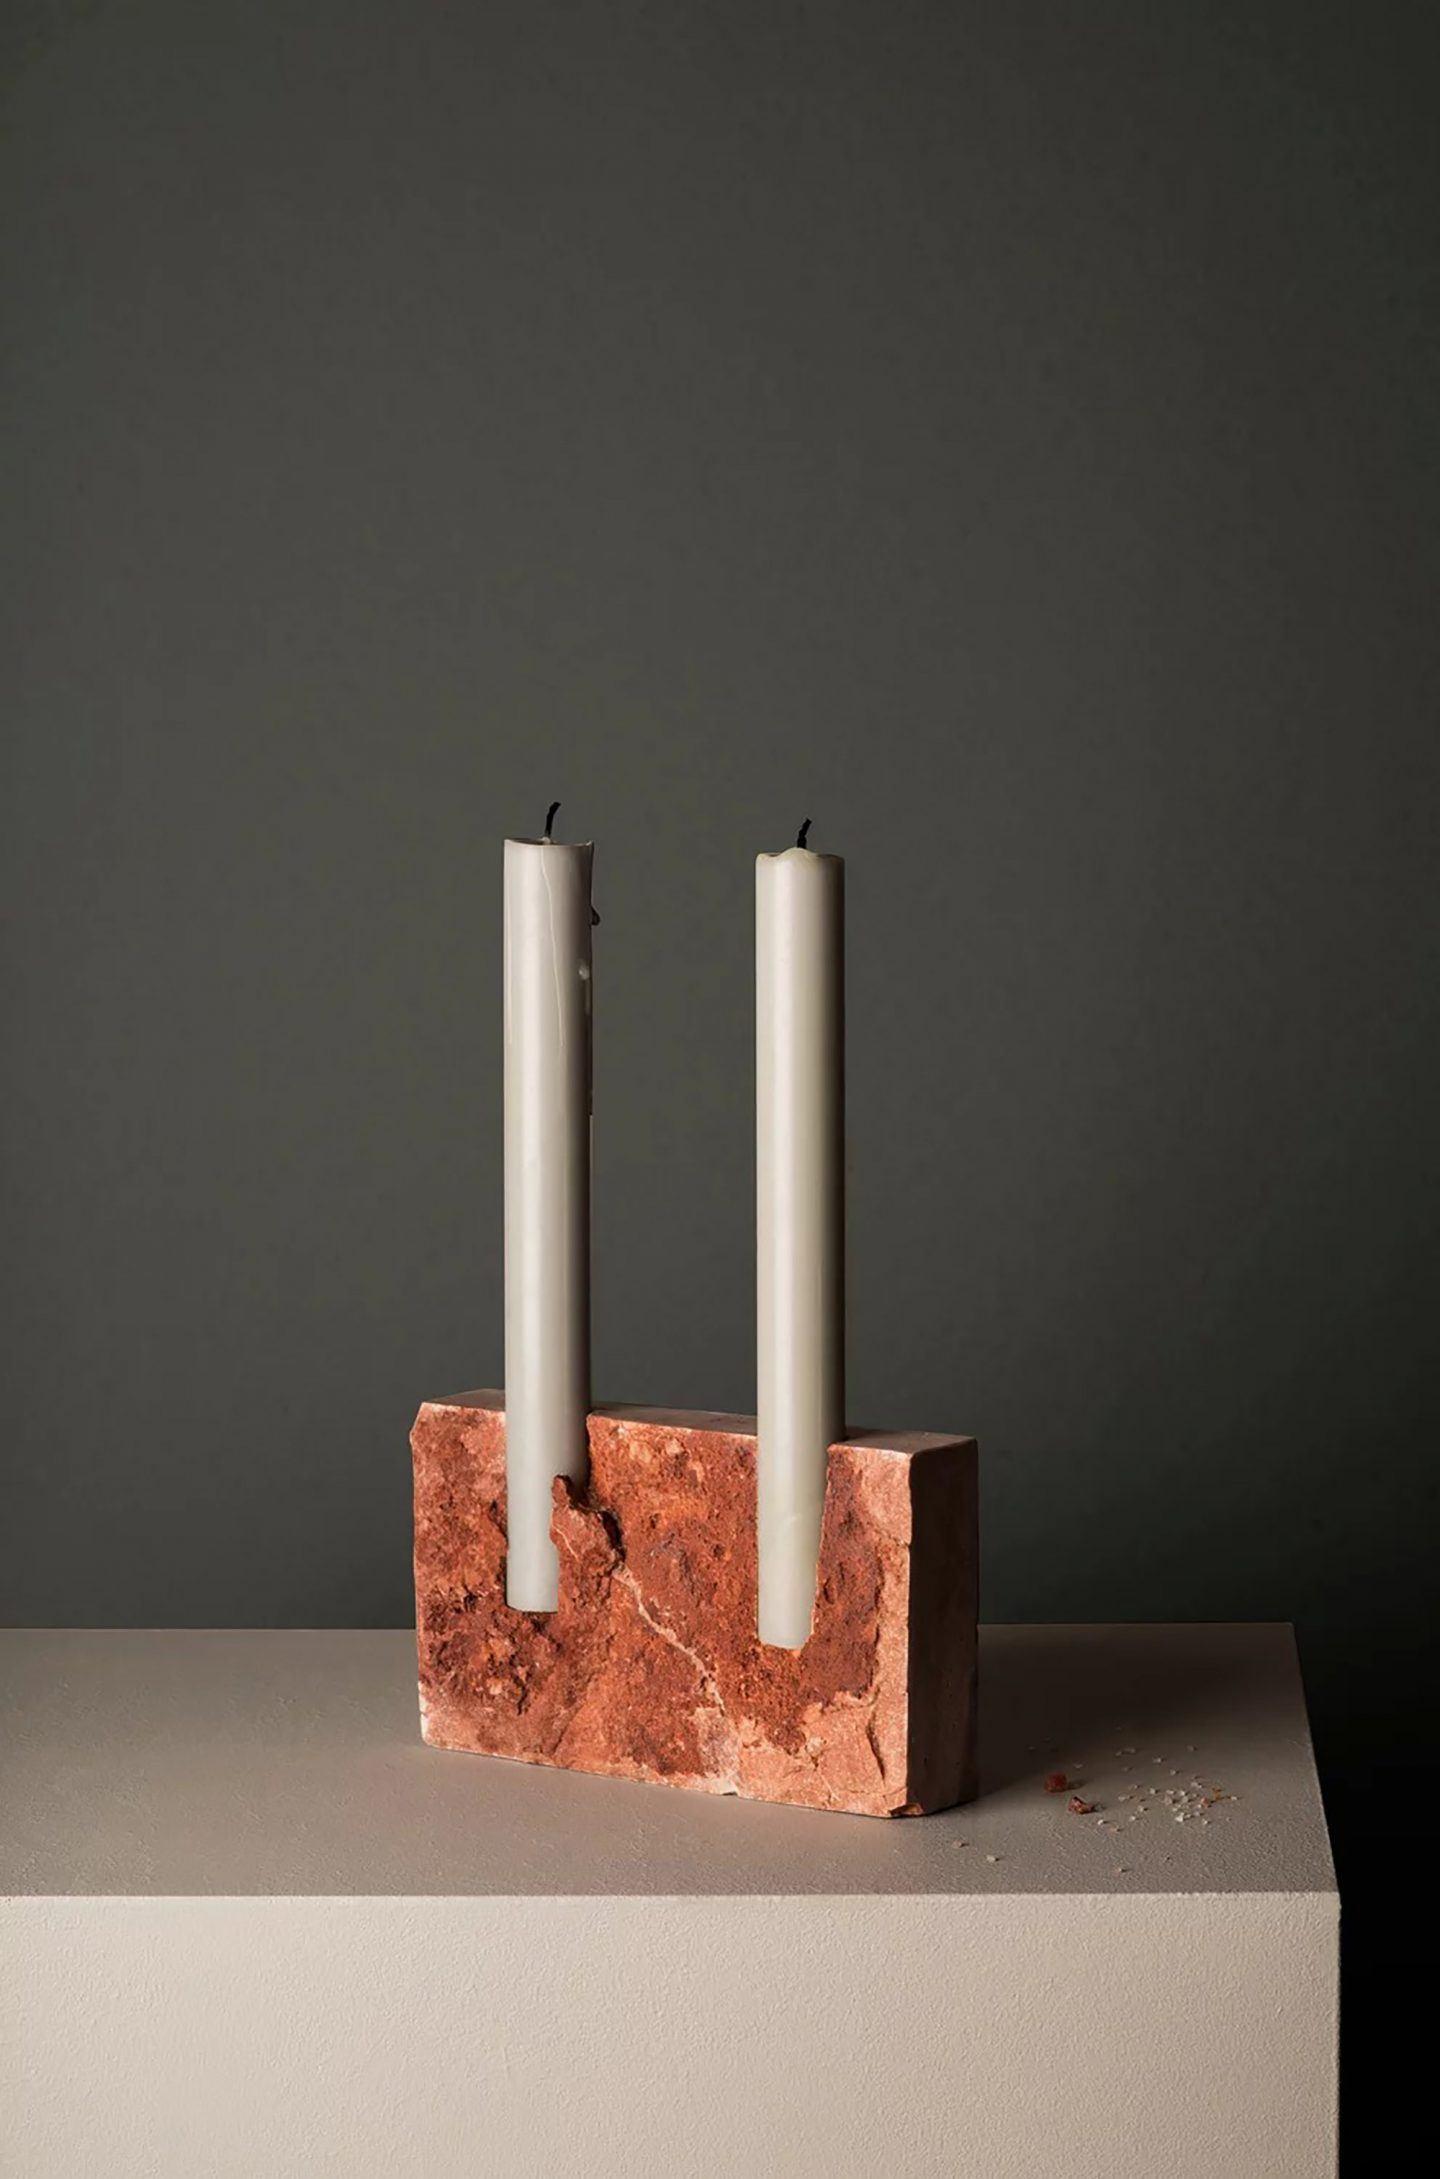 IGNANT-Design-Sanna-Volker-Snug-8